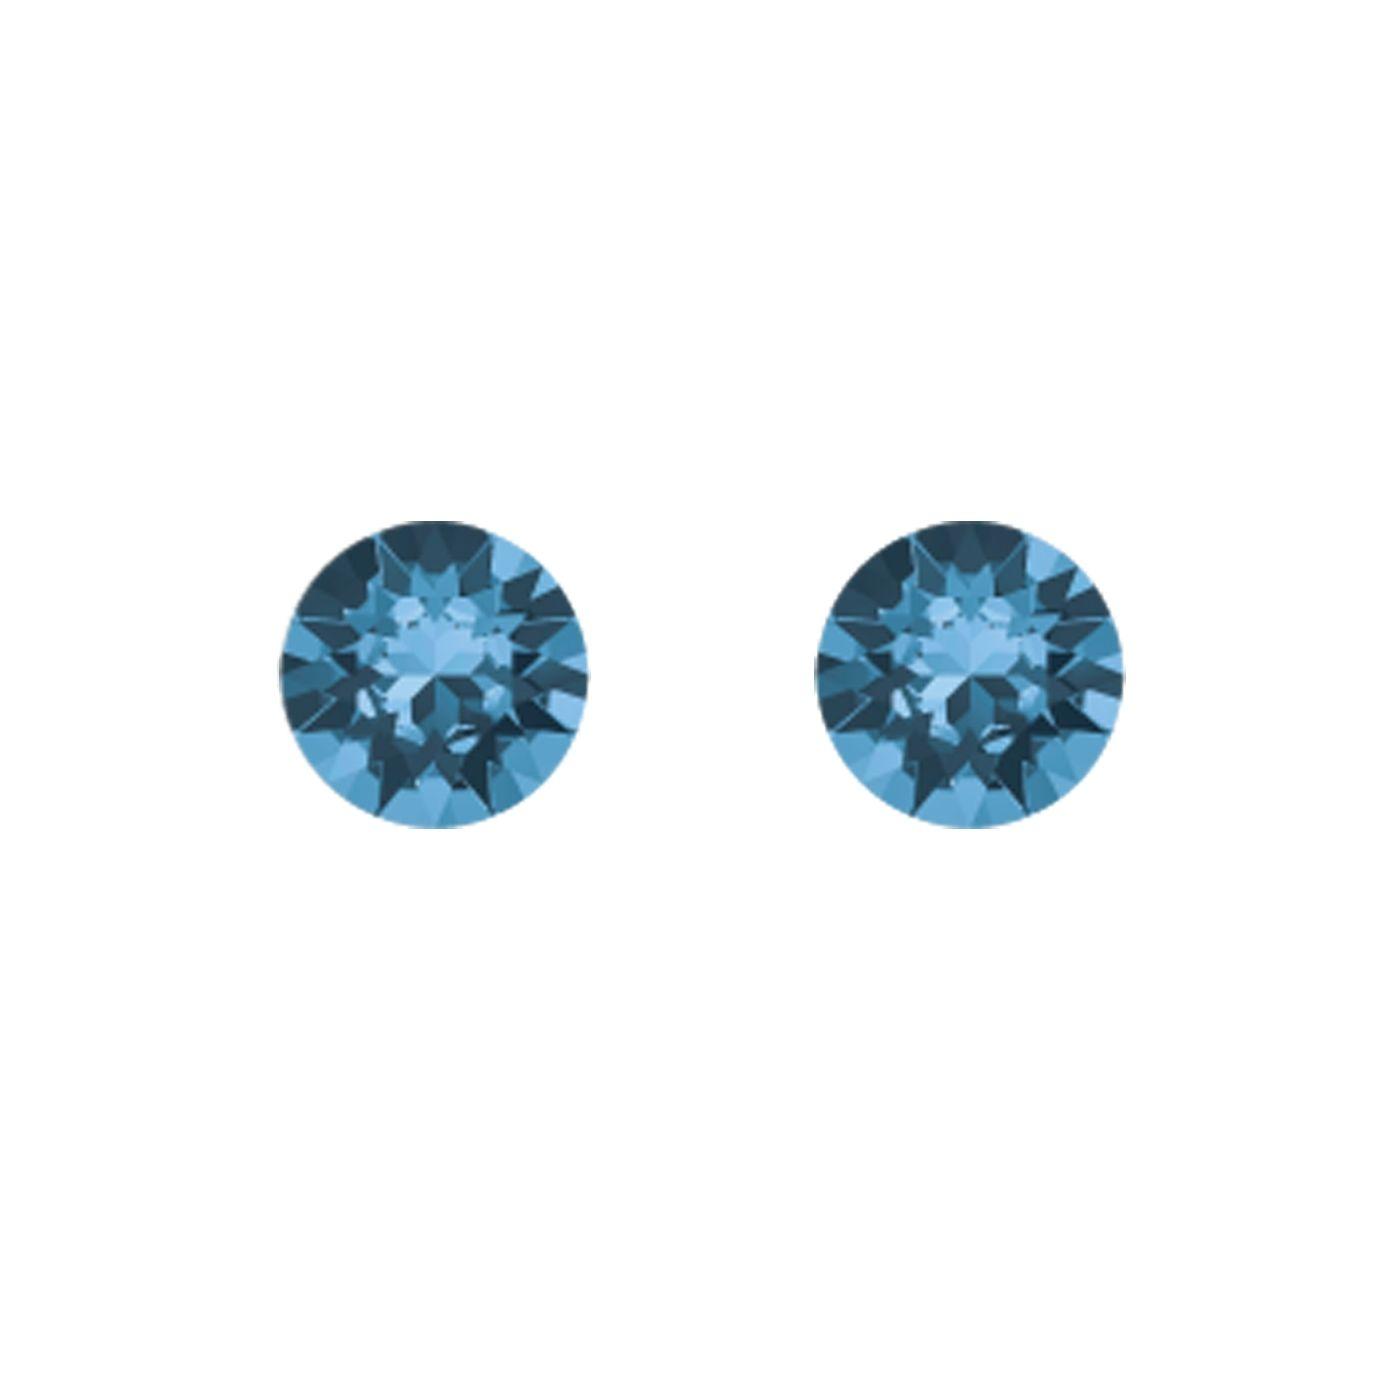 Boucles d'oreilles Indicolite Ronde en argent et cristaux Swarovski bleus